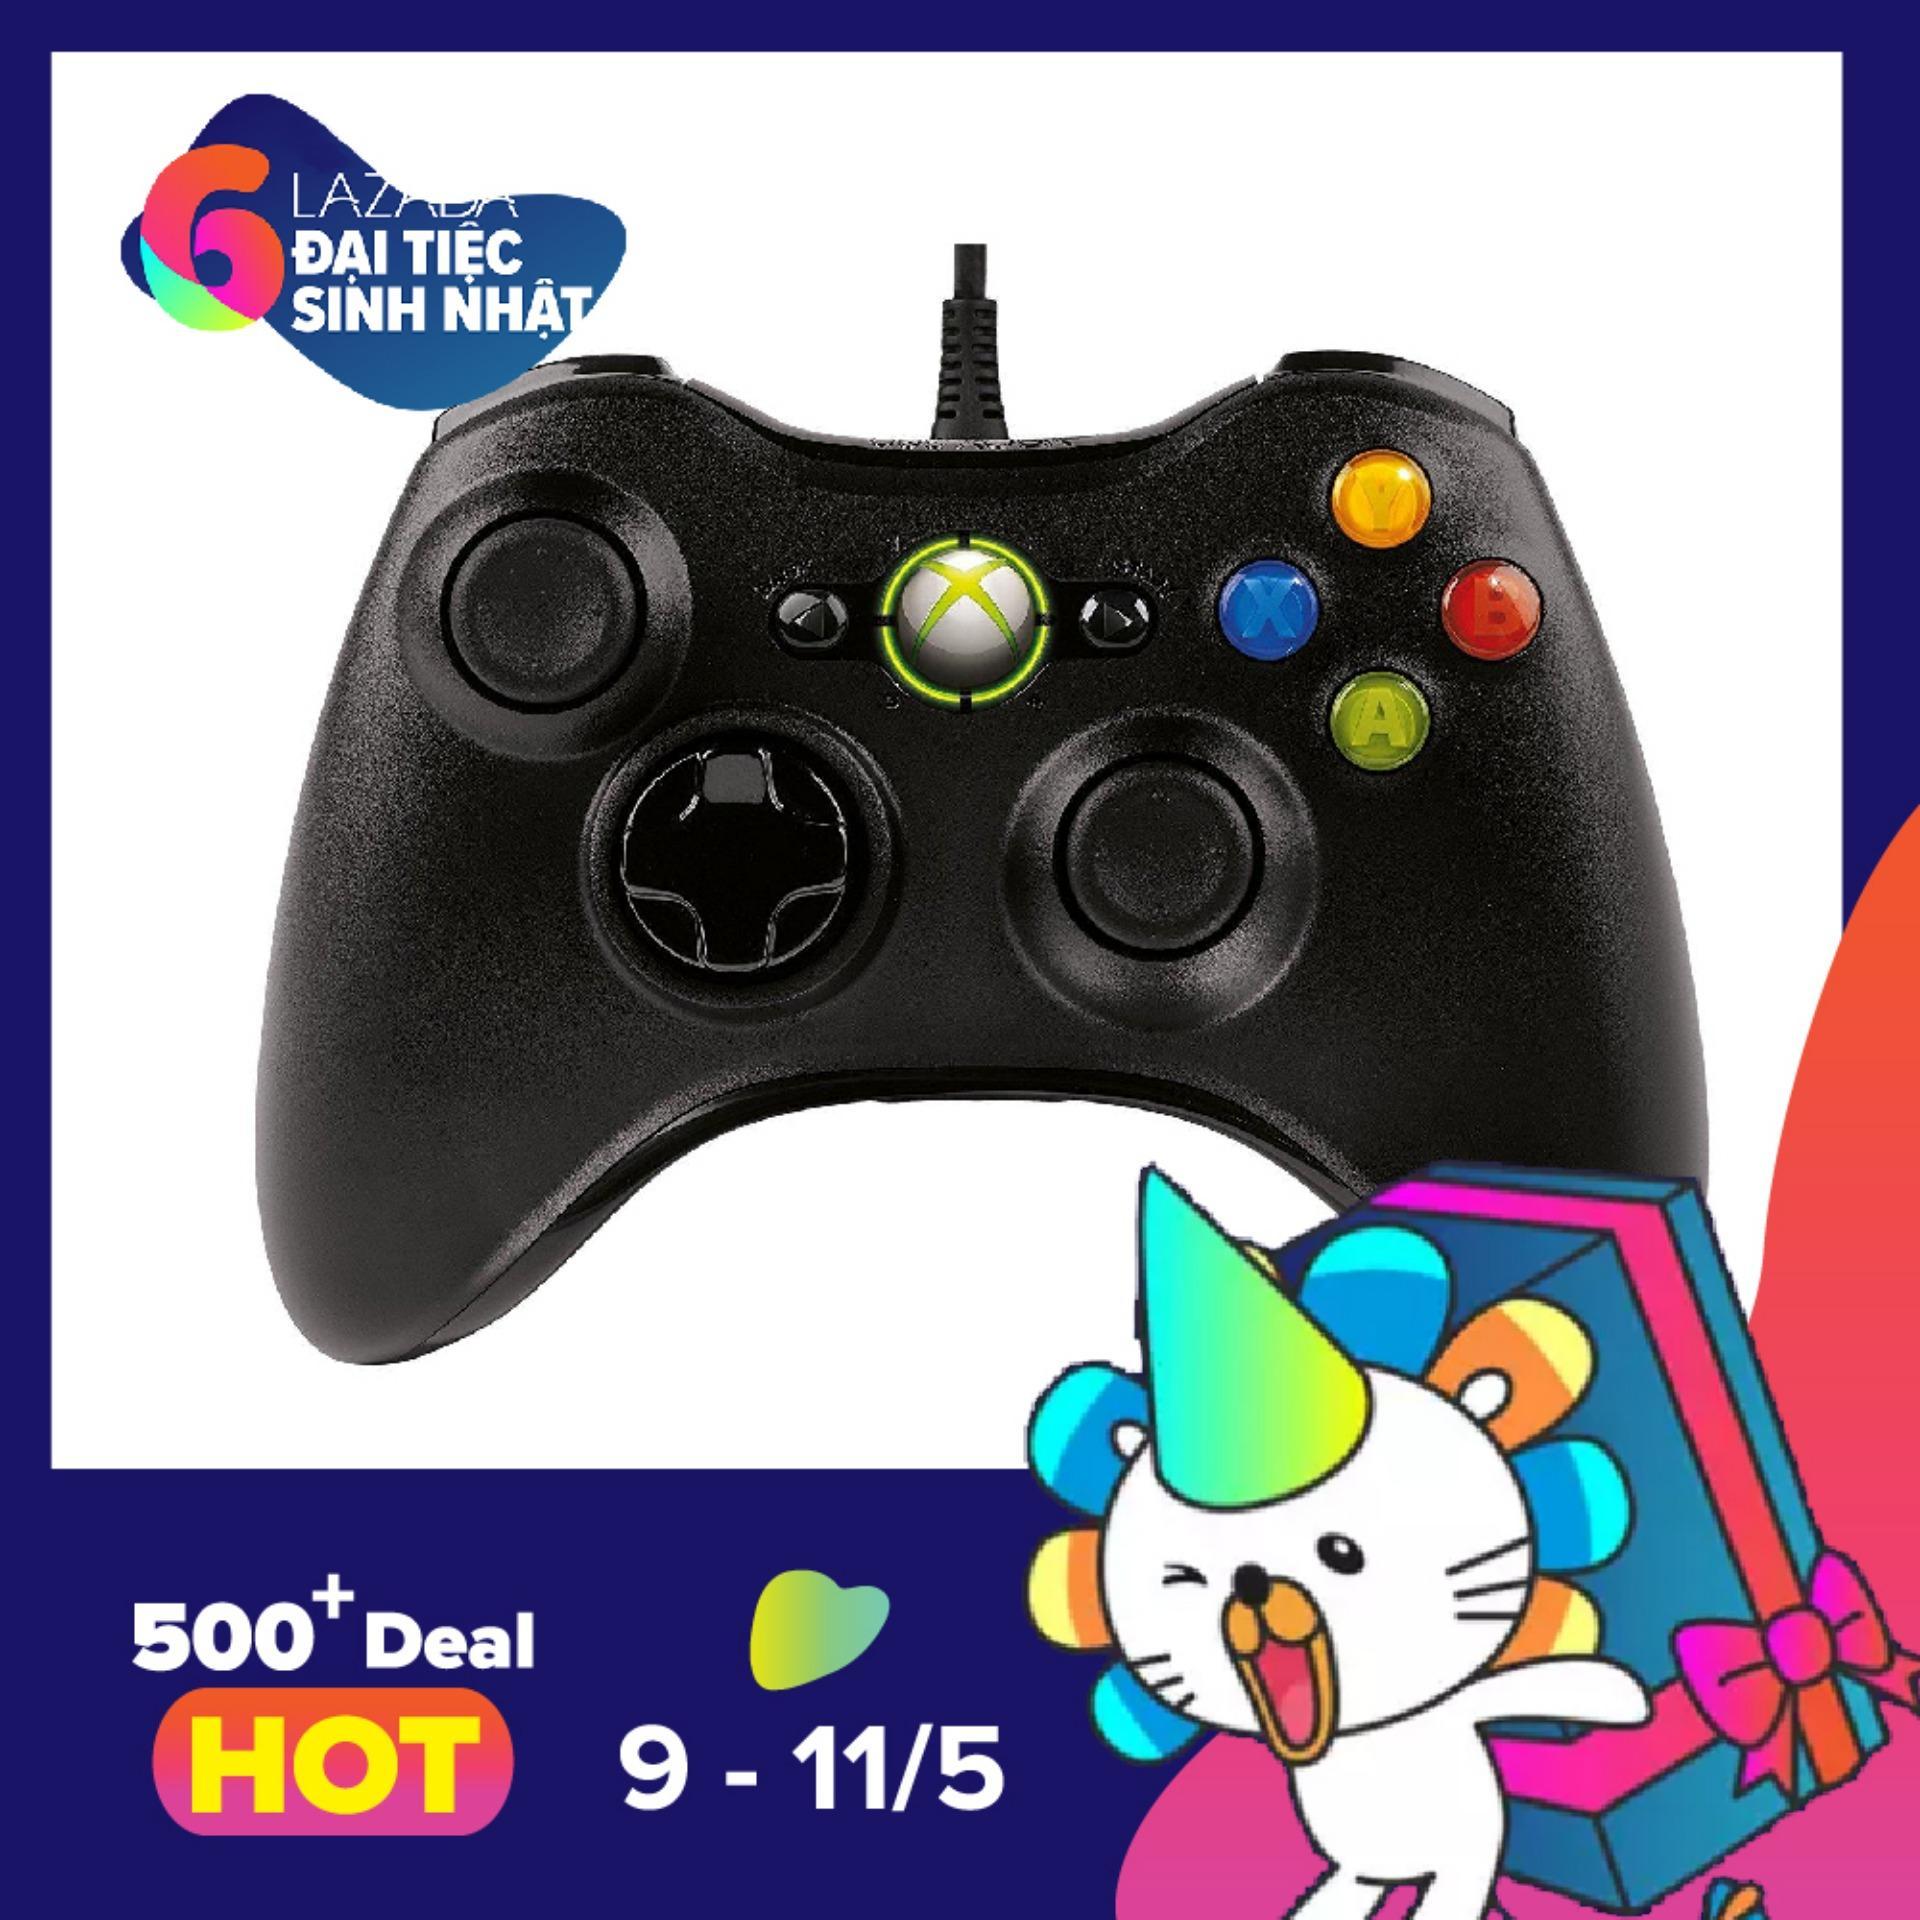 Giá Bán Tay Cầm Xbox360 Cho May Tinh Tốt Nhất